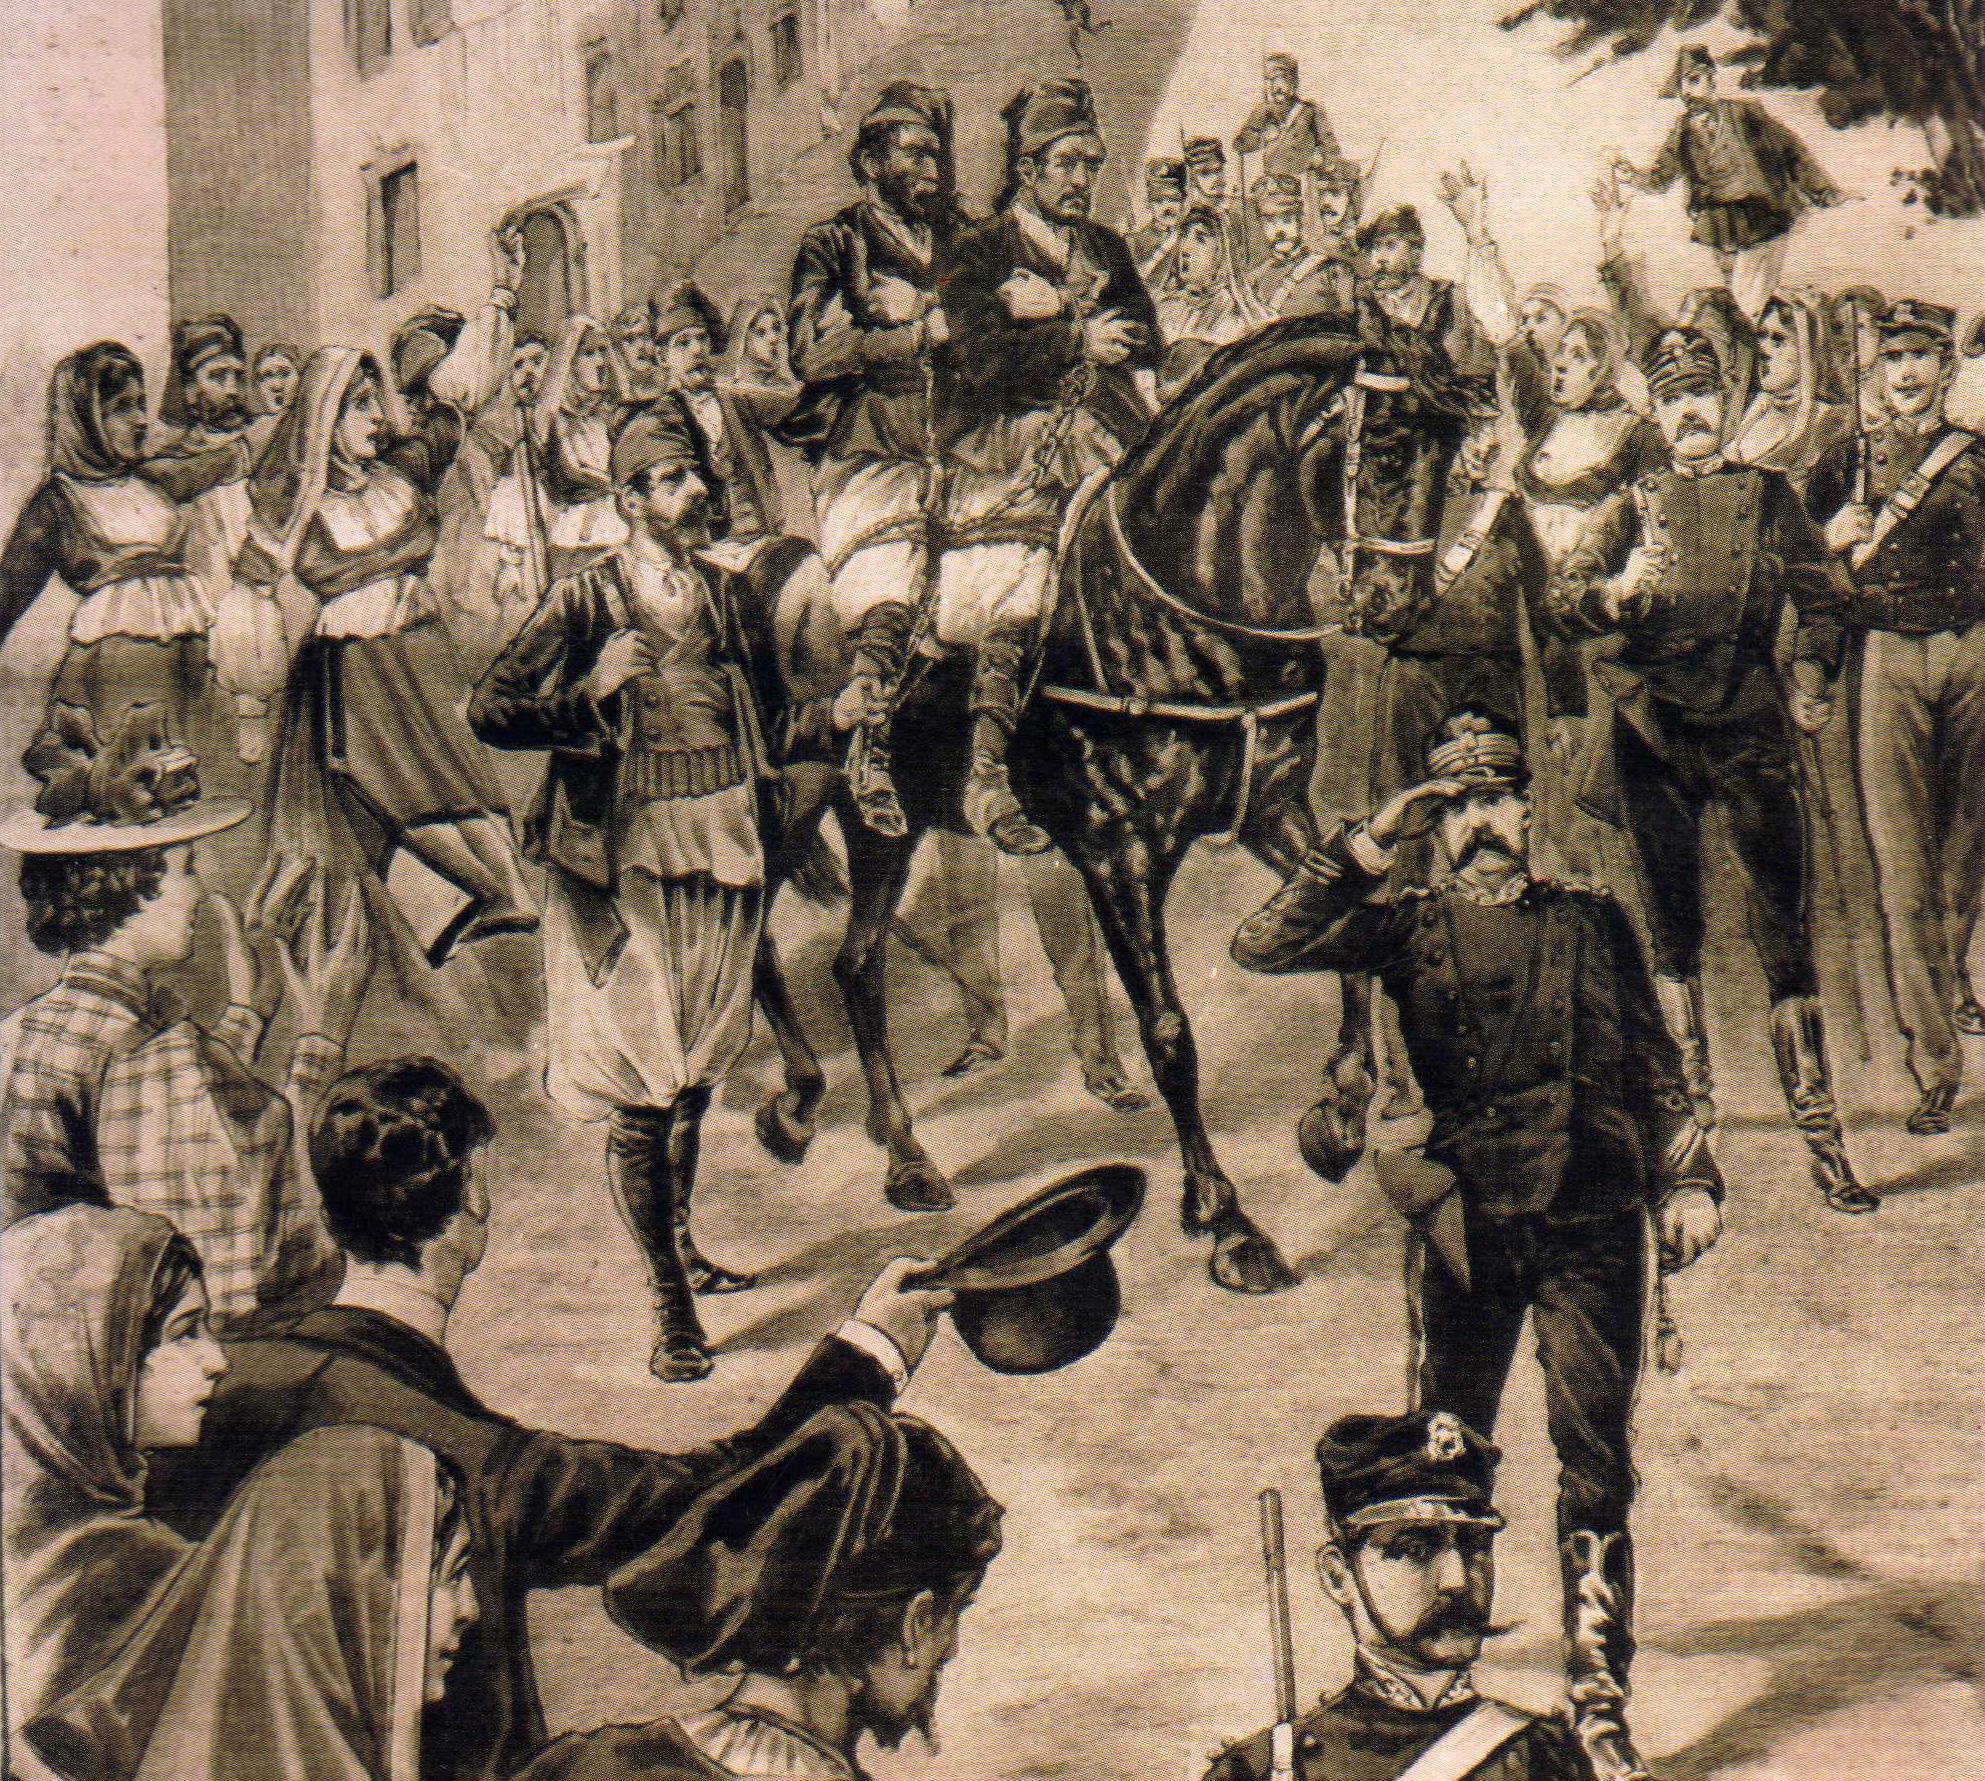 banditi a cavallo